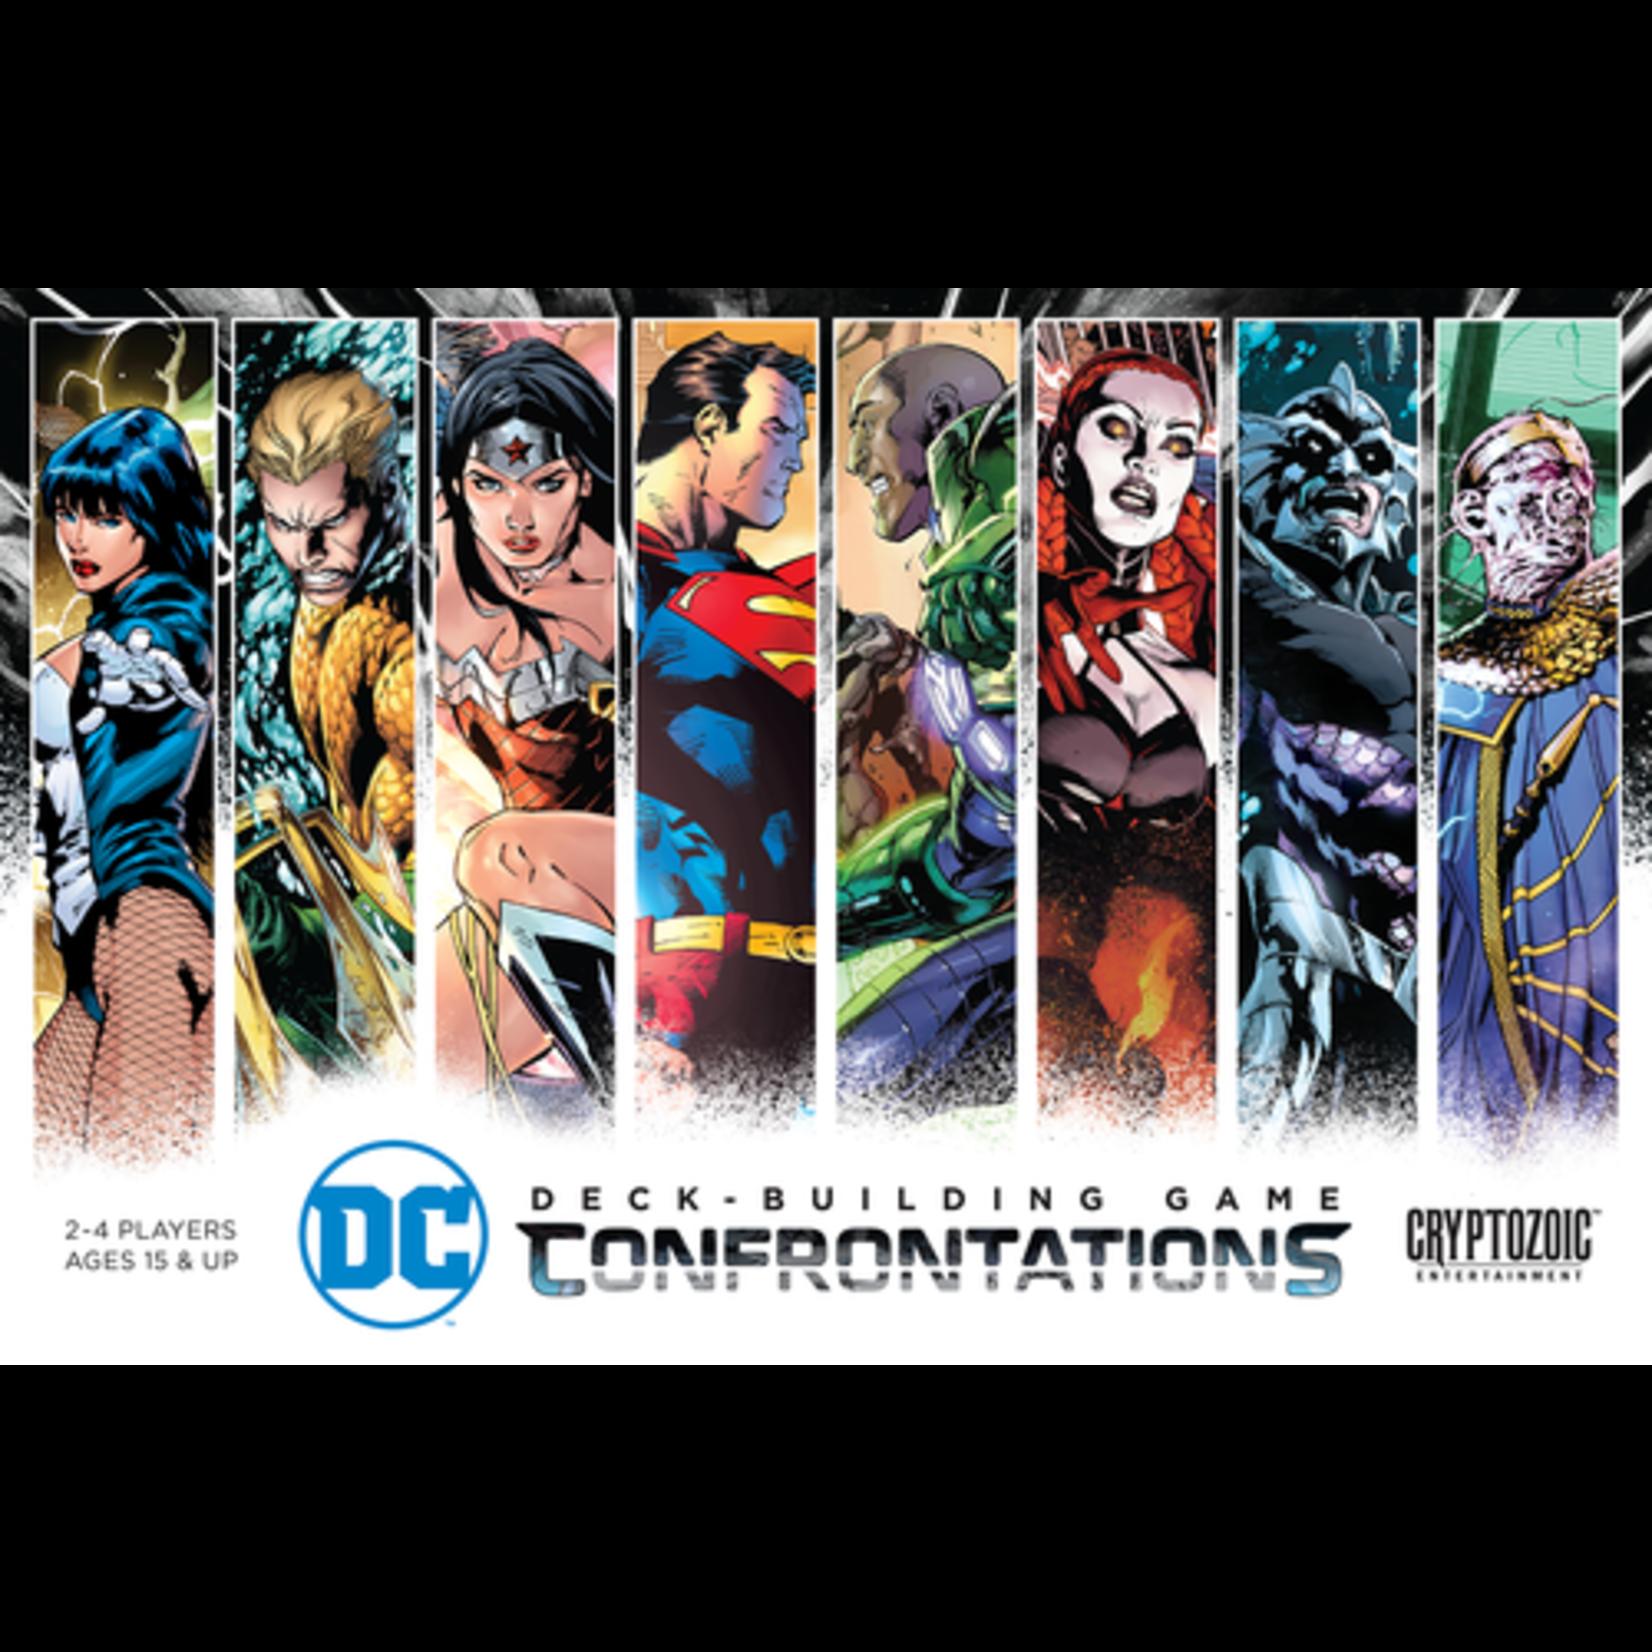 DC Comic Deck-Building Game Confrontations